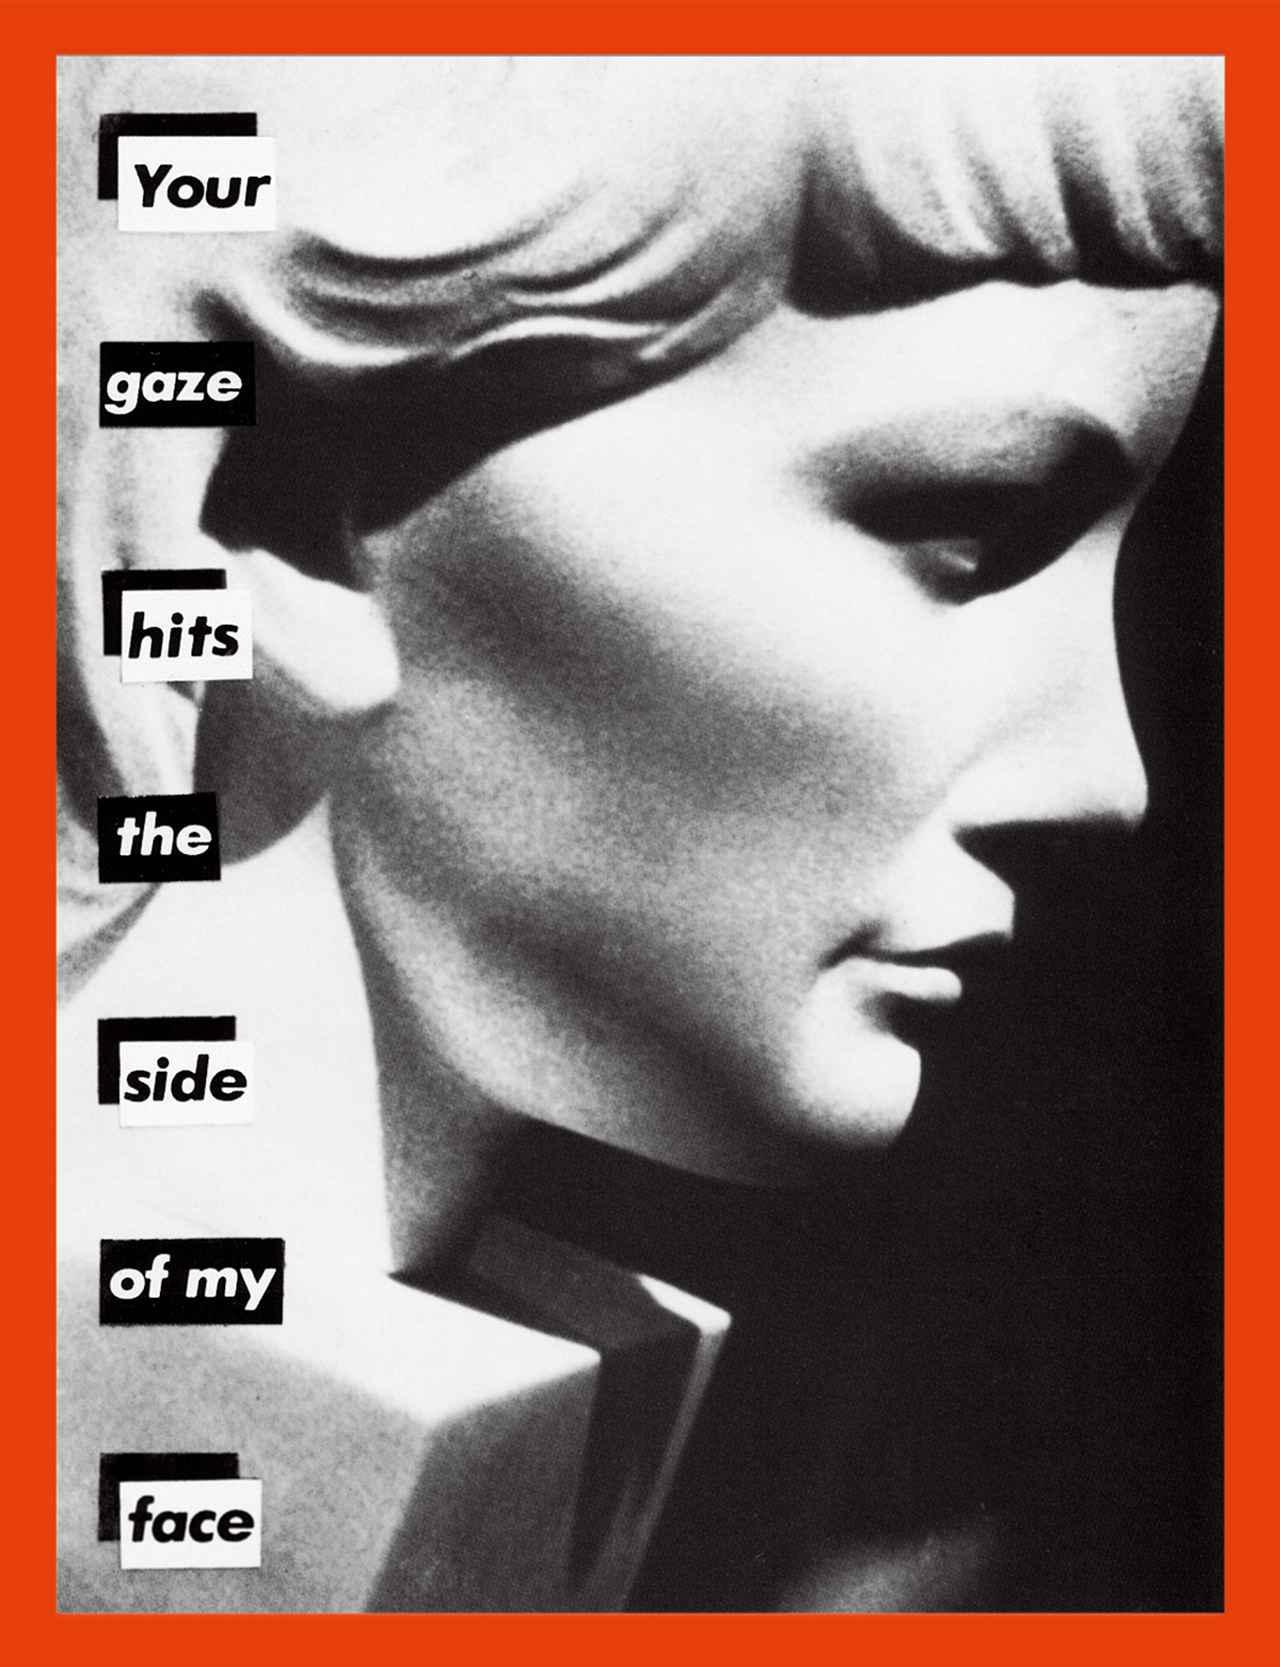 Images : 4番目の画像 - 「バーバラ・クルーガー 記憶に残り続ける作品を生み出す 希代のアーティストの軌跡<前編>」のアルバム - T JAPAN:The New York Times Style Magazine 公式サイト